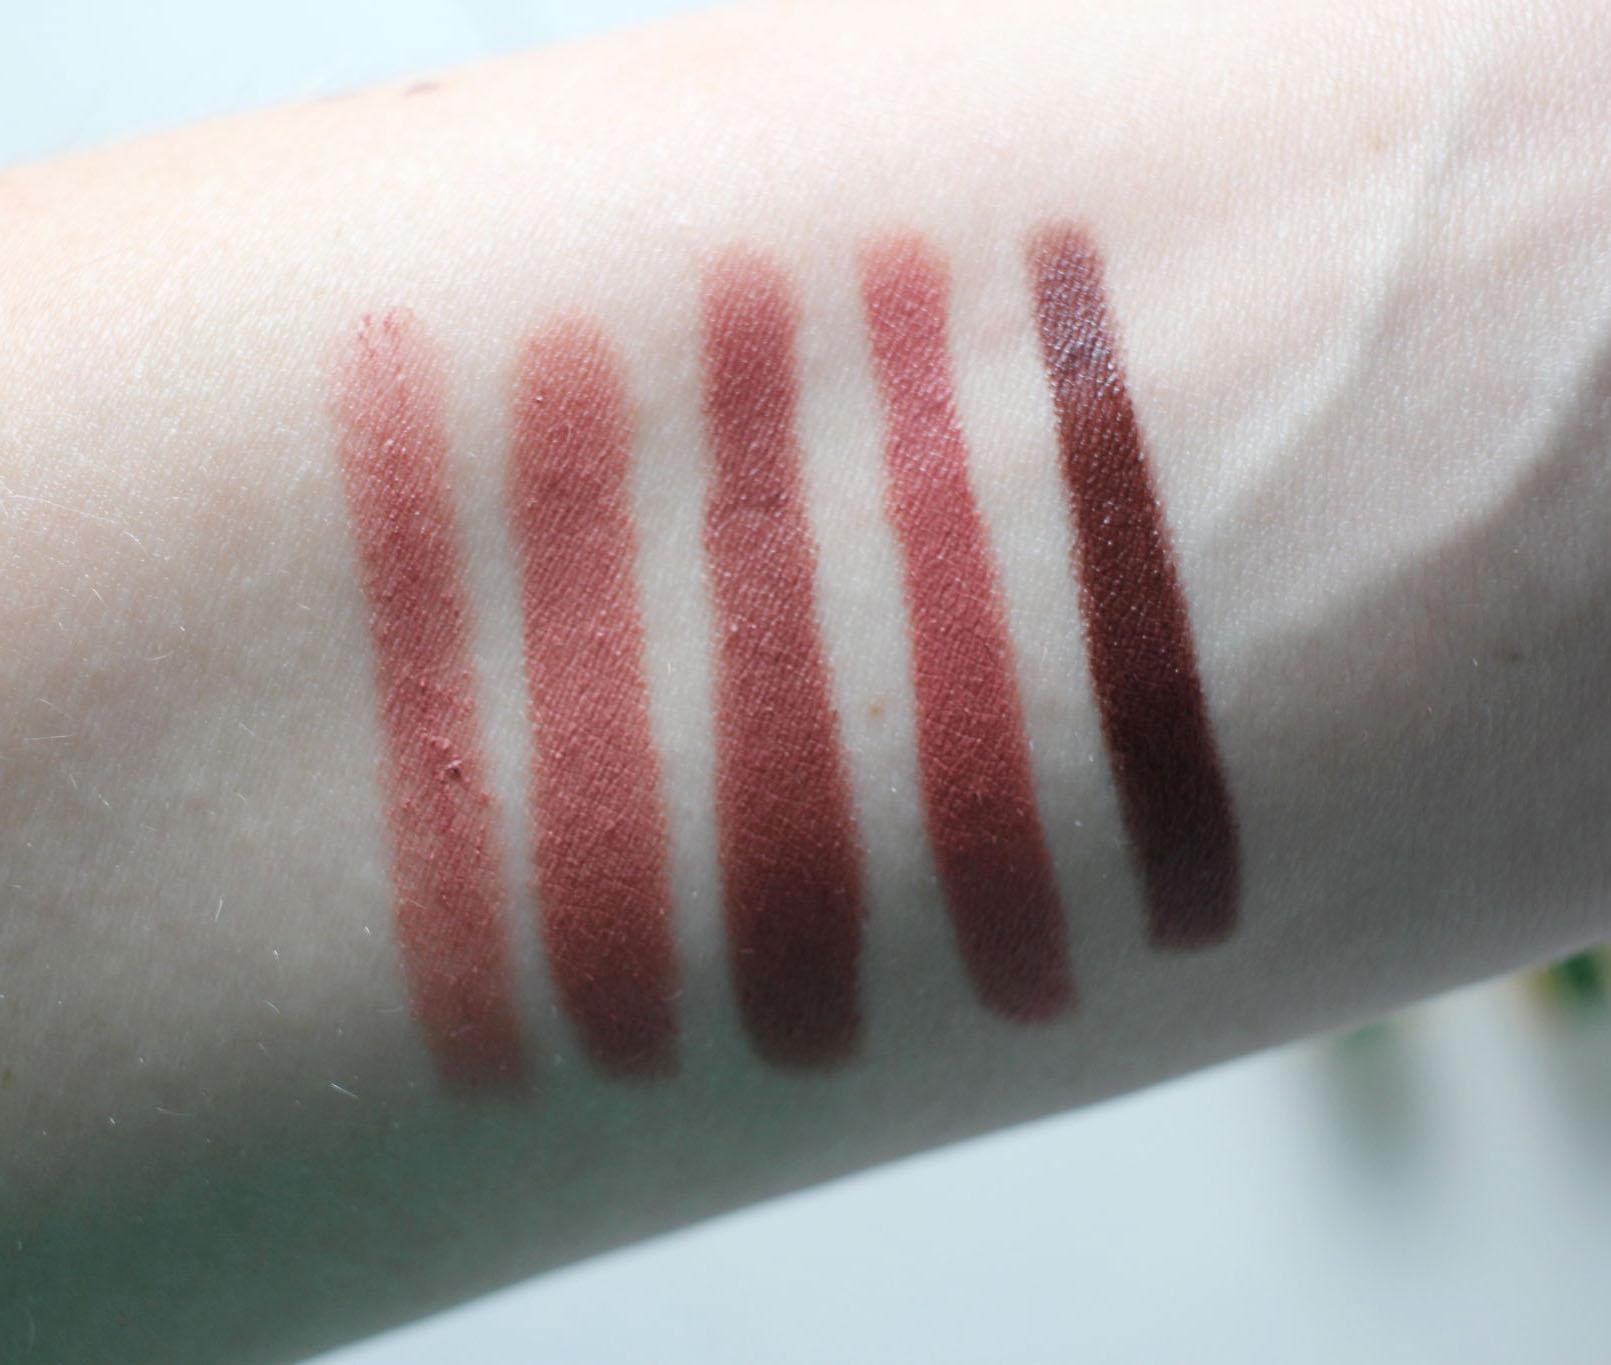 Tarte Matte Lippie Lingerie | best matte lipstick | matte lip crayon | nude lipstick | Tarte Lippie Lingerie swatches